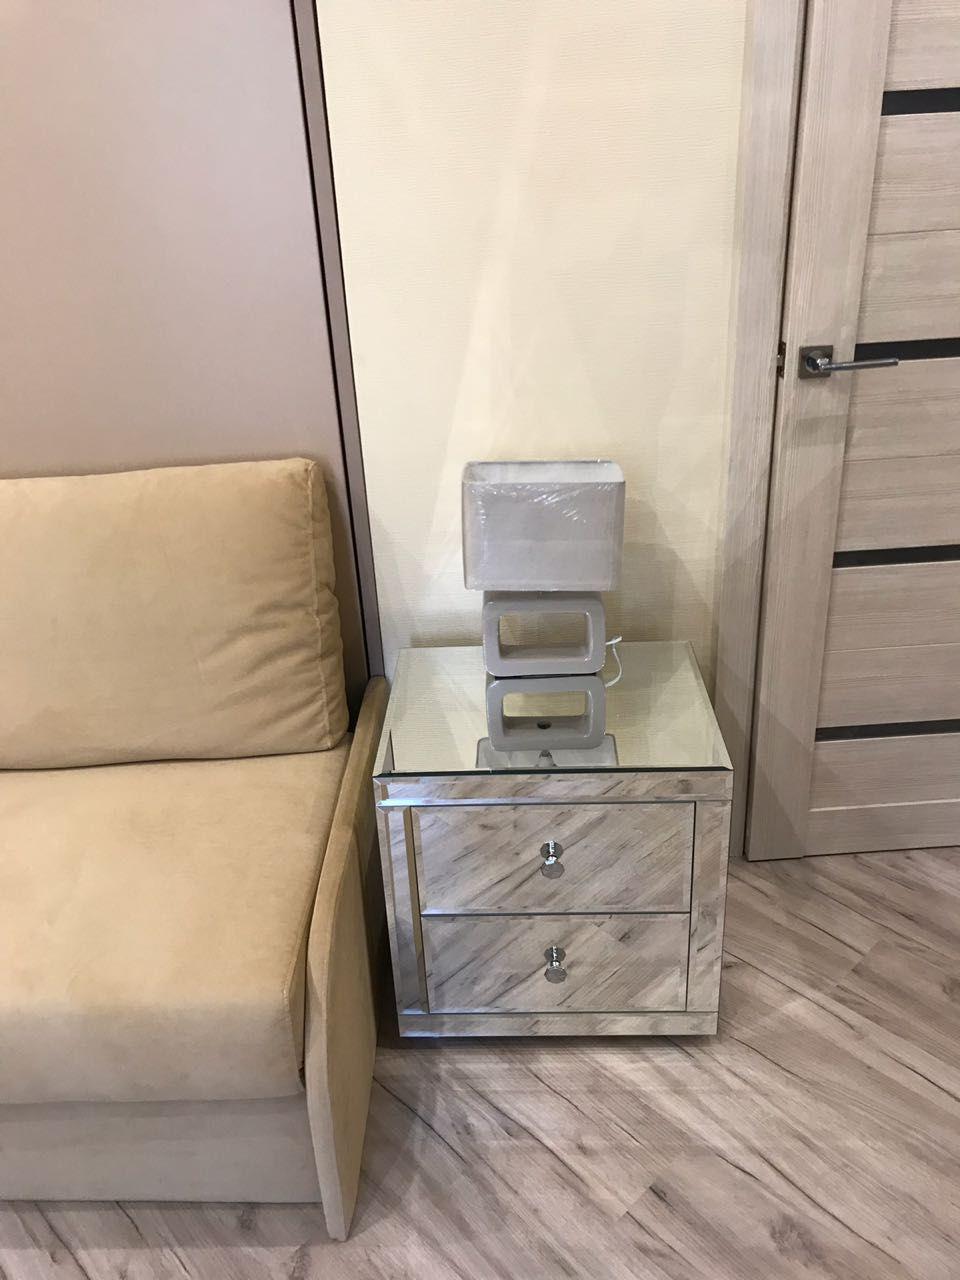 спальни для décor отражение зеркал зеркальная необычная мебель дизайнерская тумба